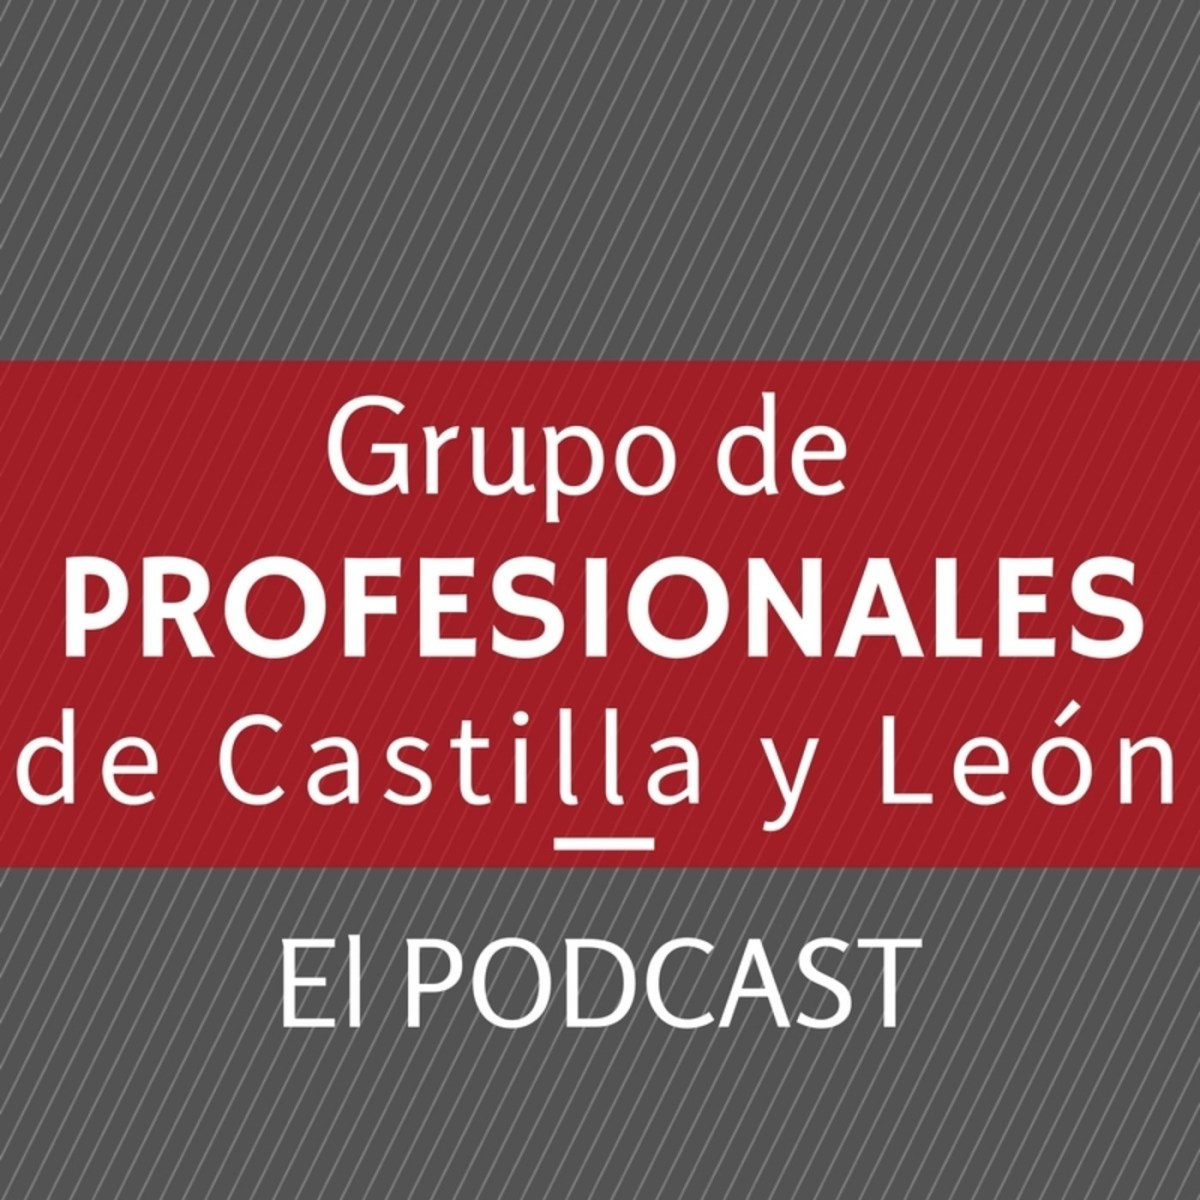 Grupo de profesionales